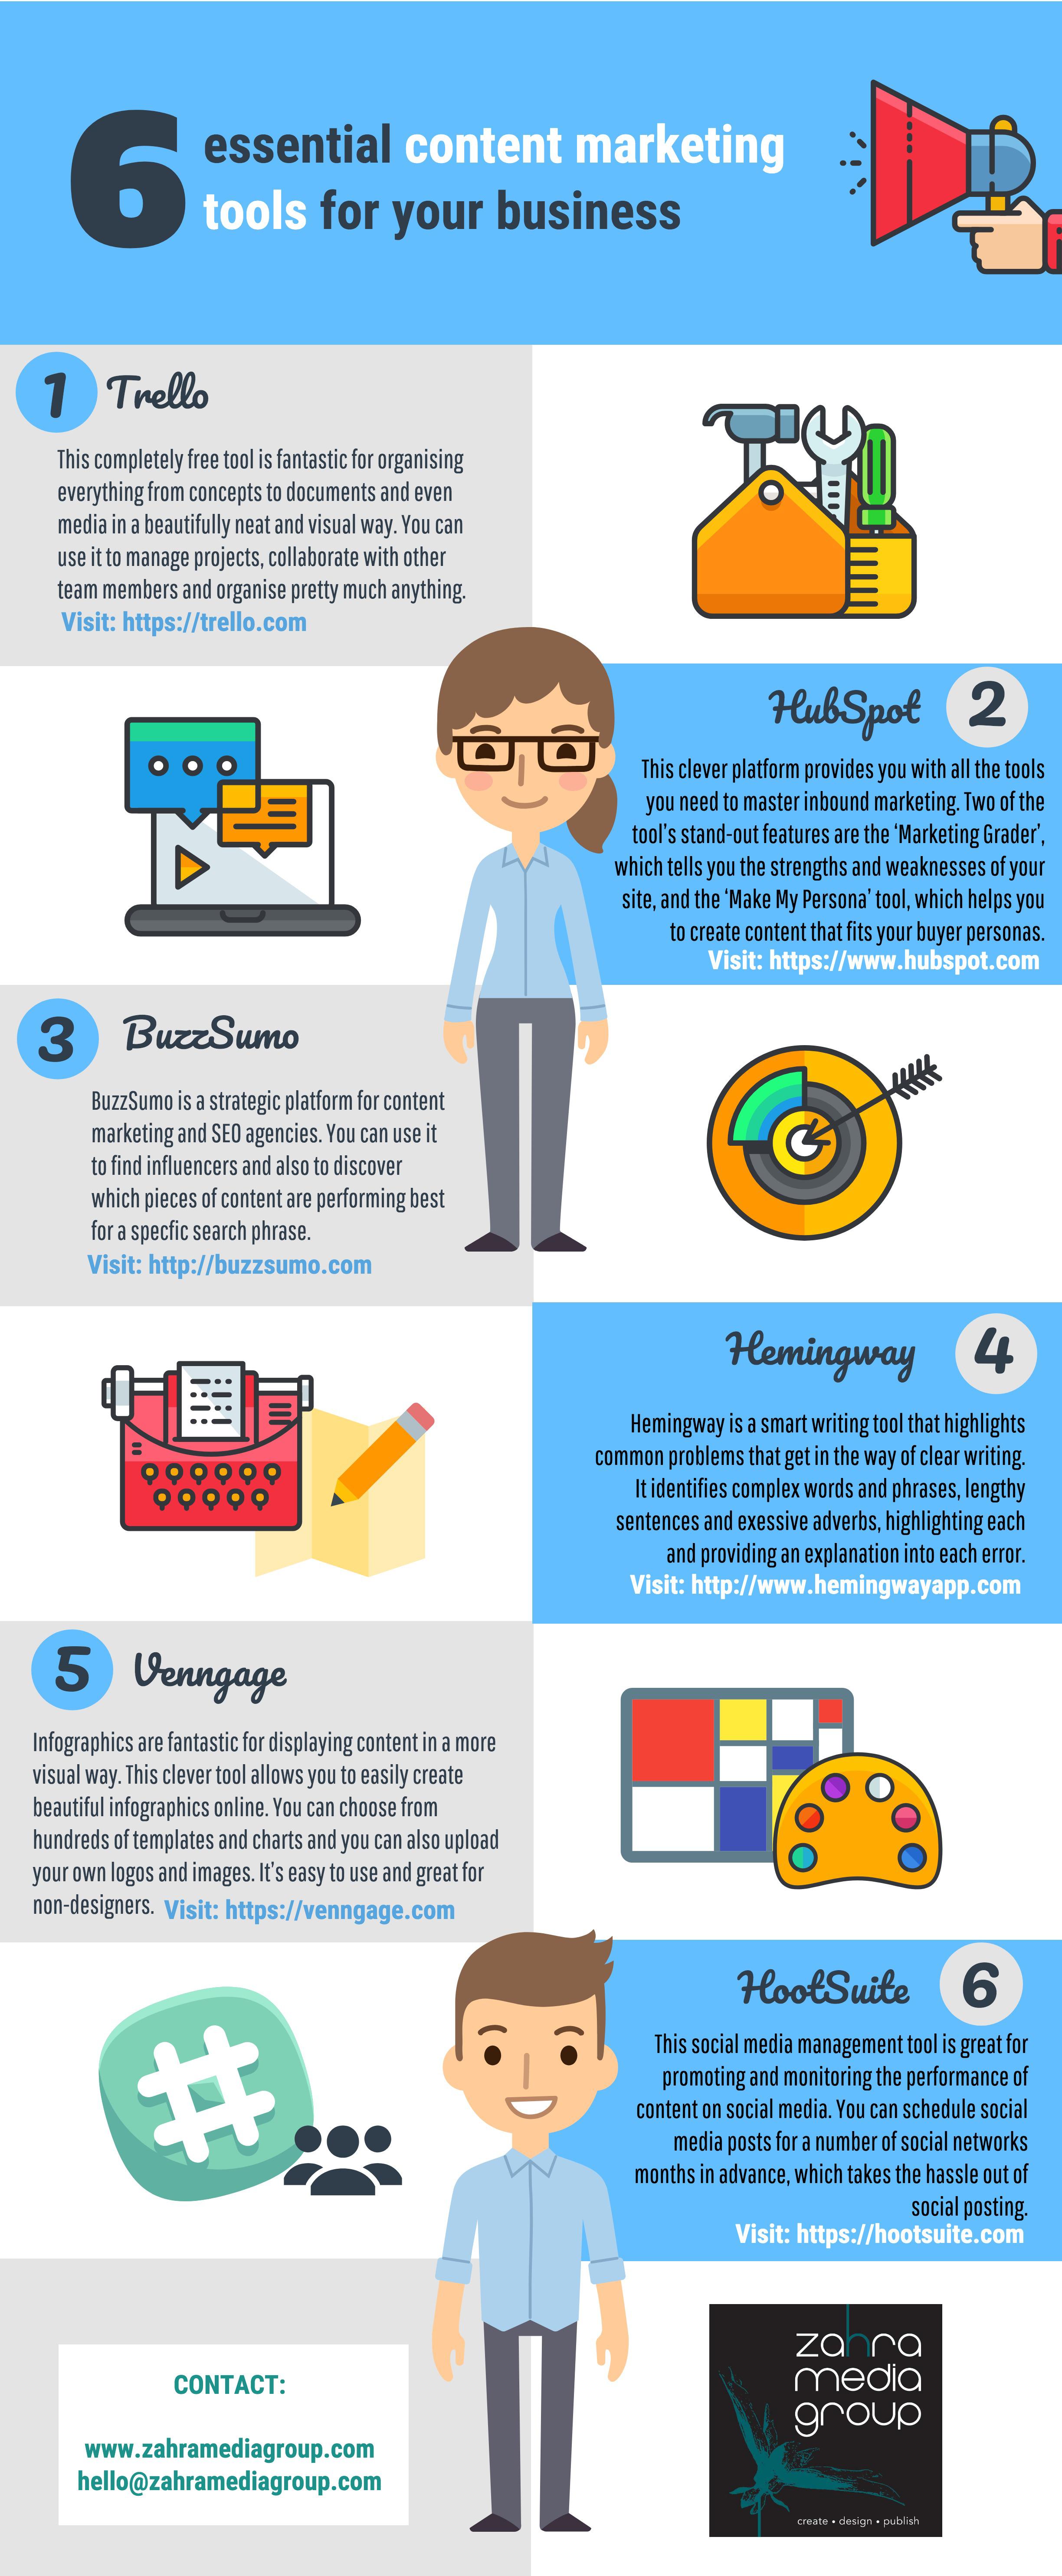 6 essential content marketing tools